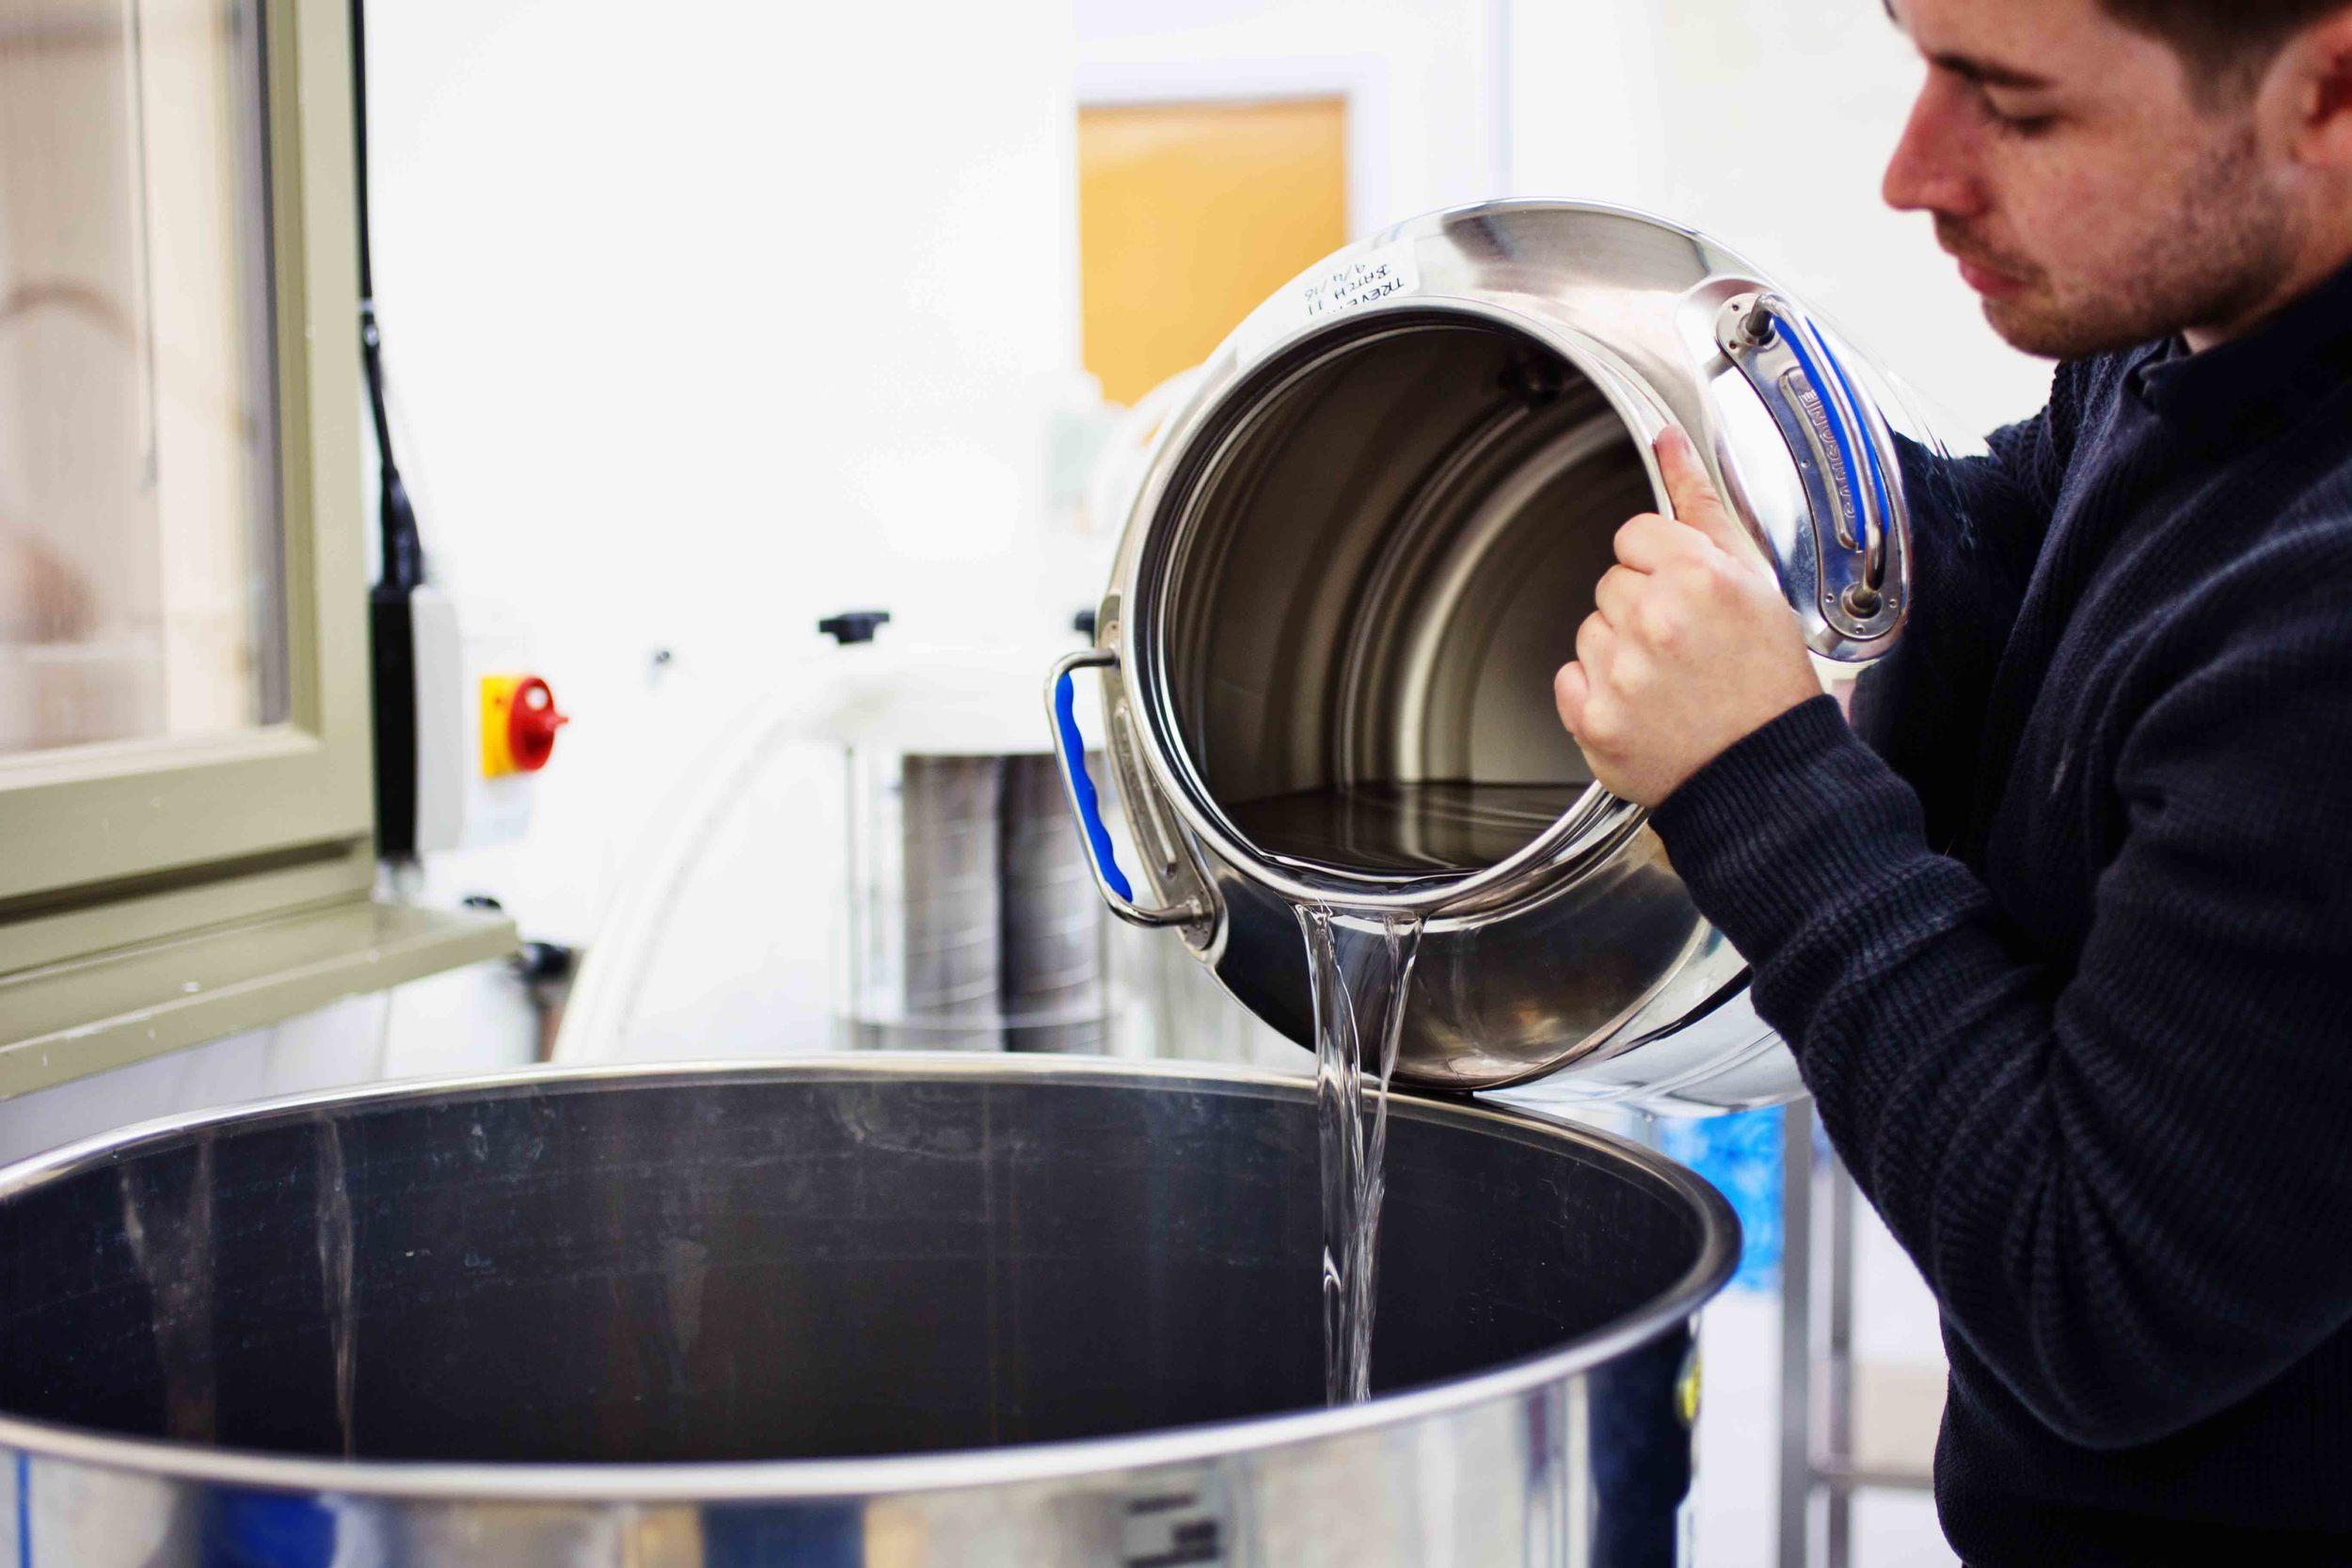 Distiller at work Trevethan Gin